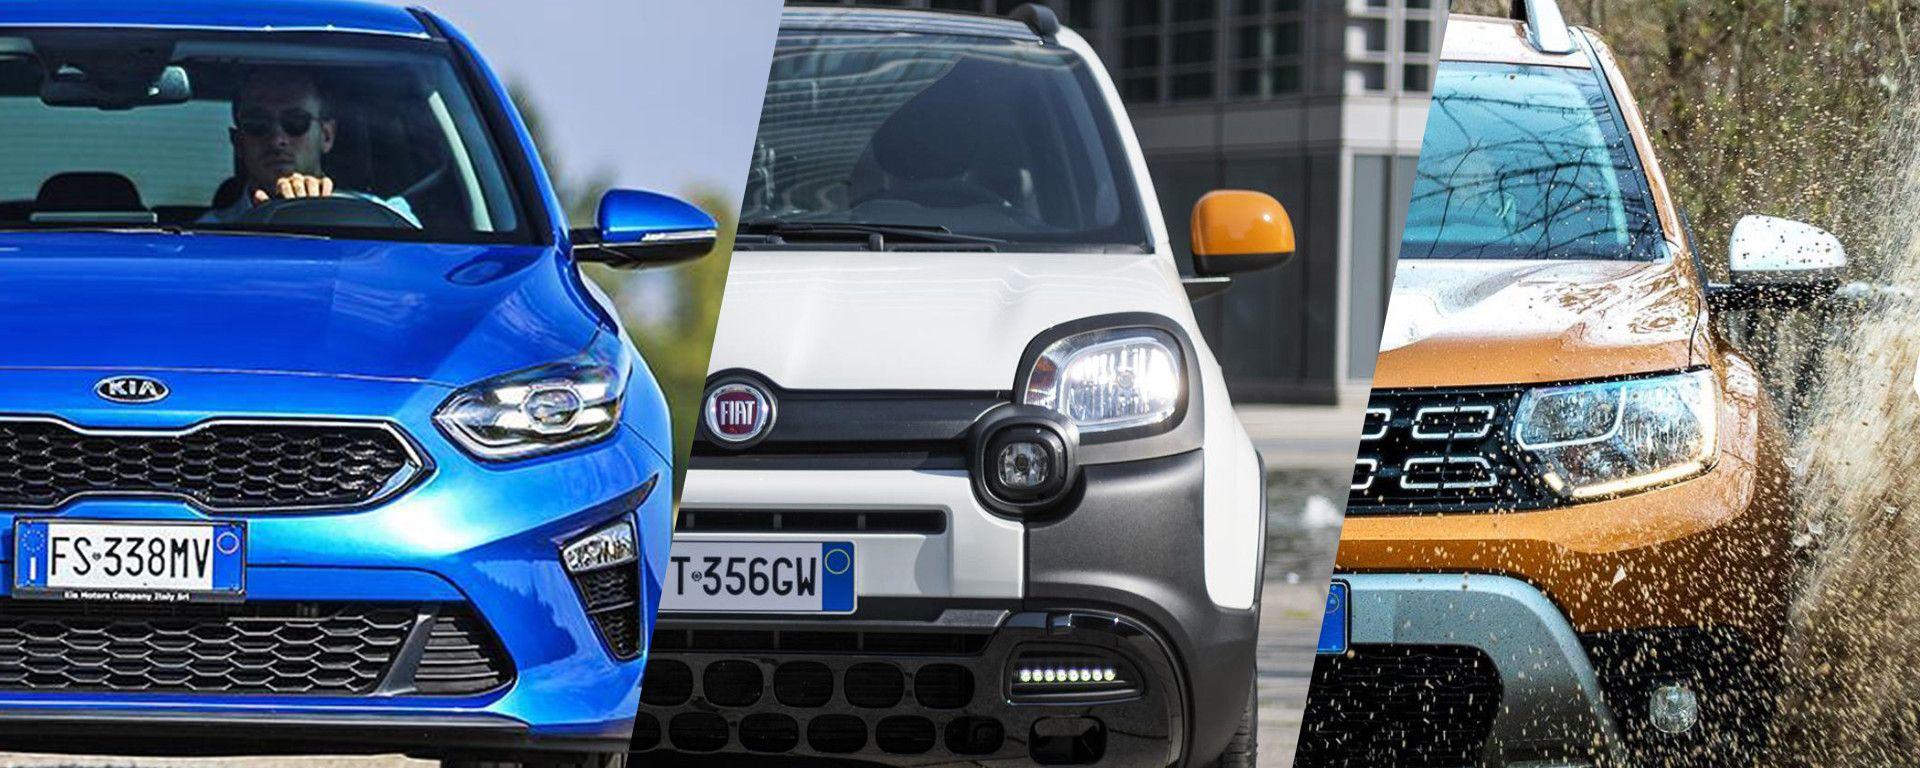 Le migliori auto a GPL: guida all'acquisto